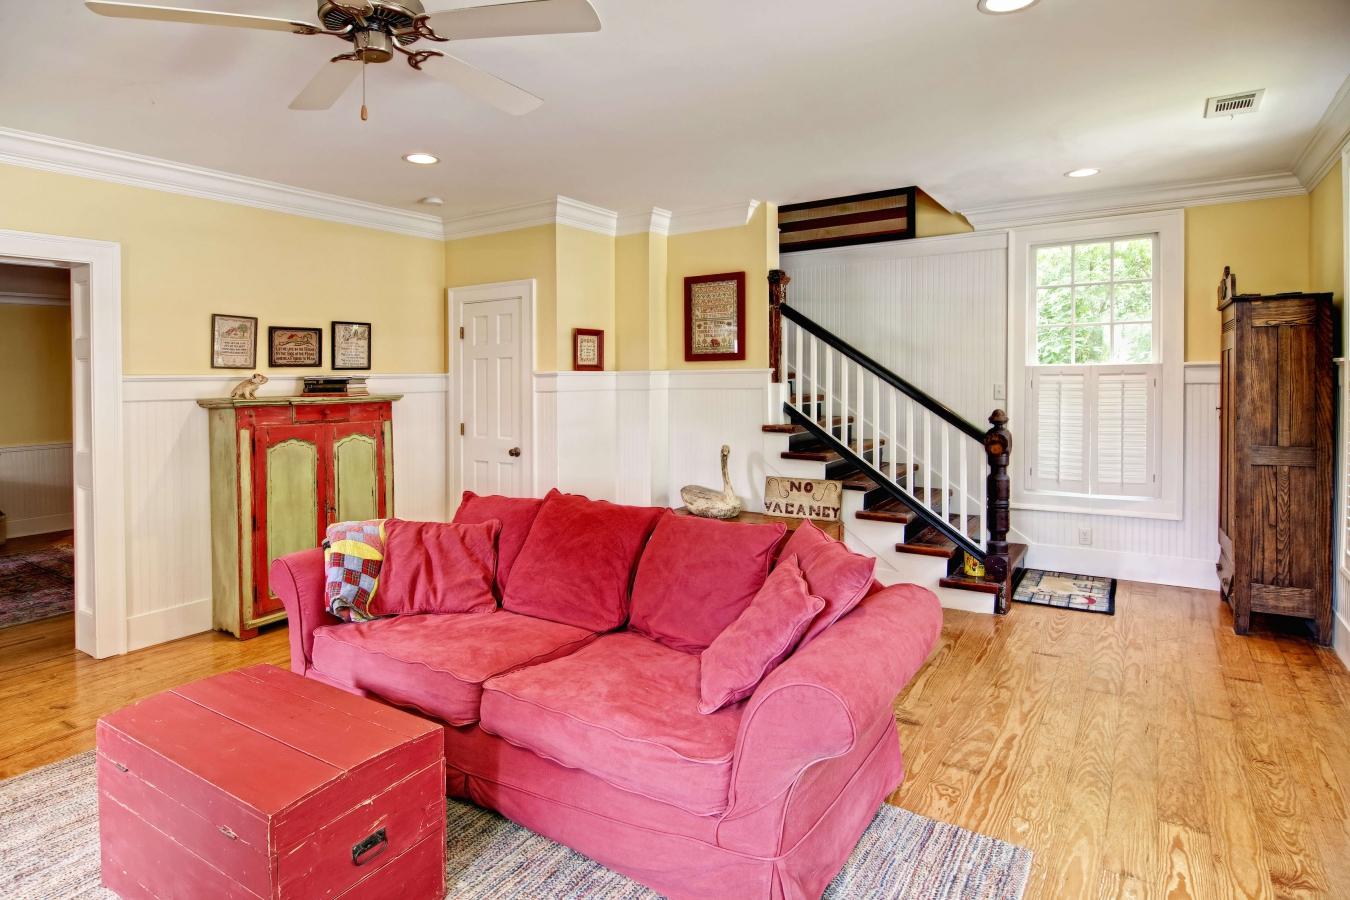 Розовый диван в велюровой обивке